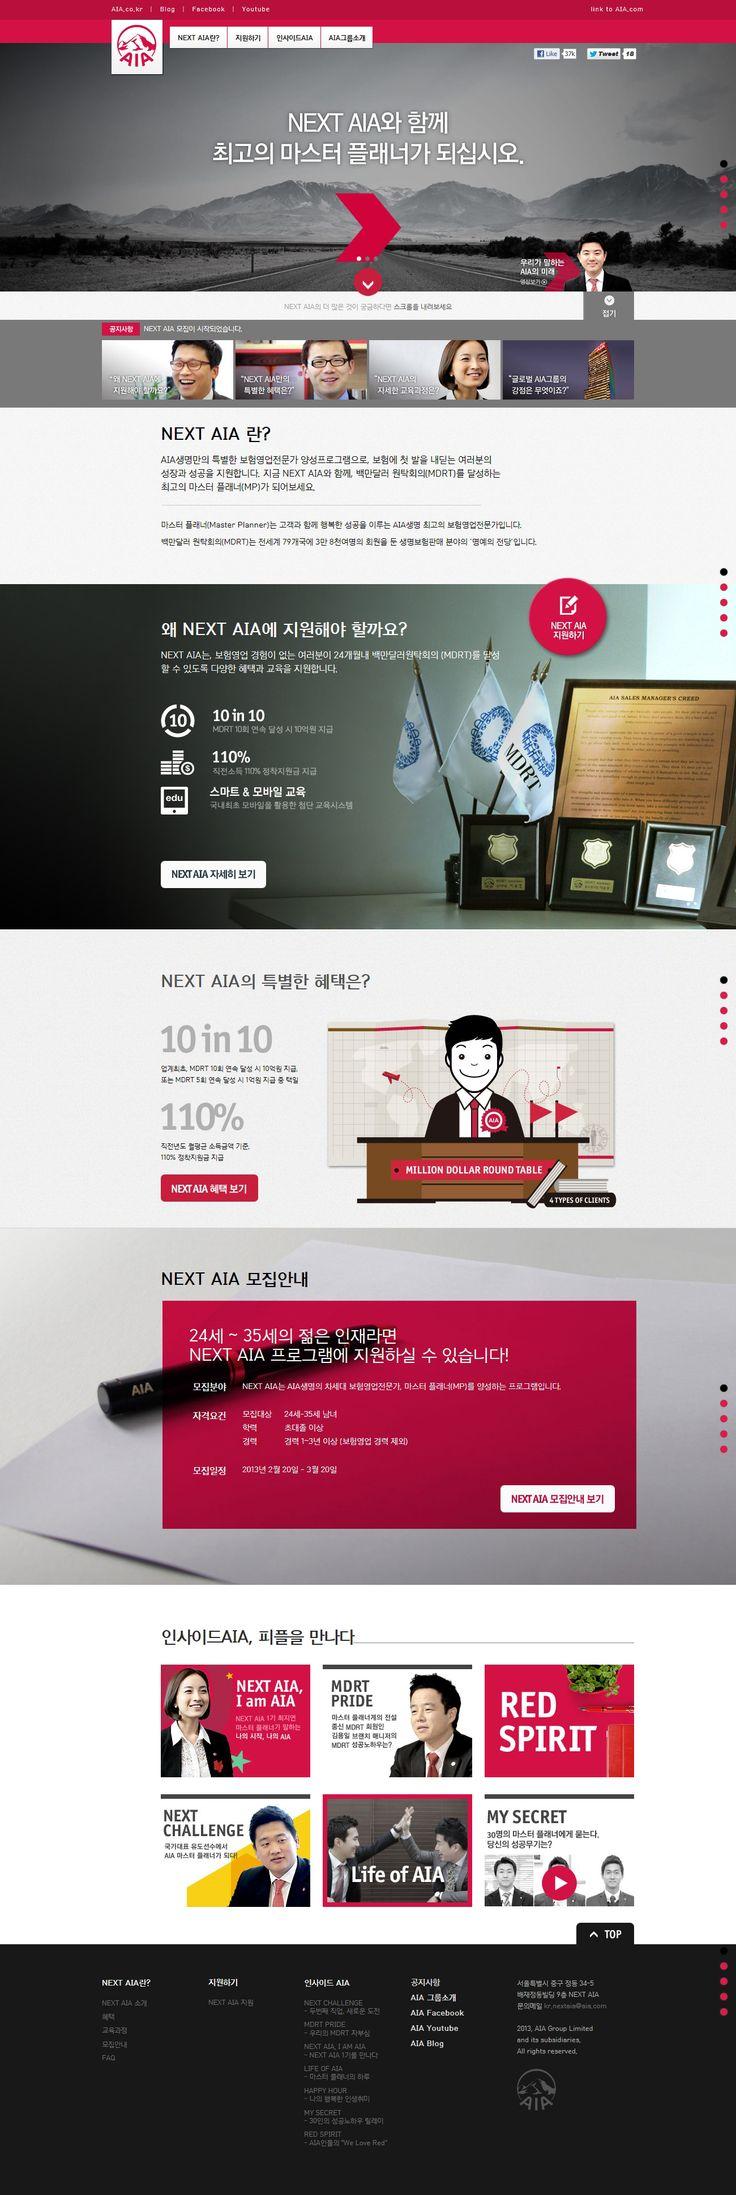 디카페인 웹사이트 - Next AIA